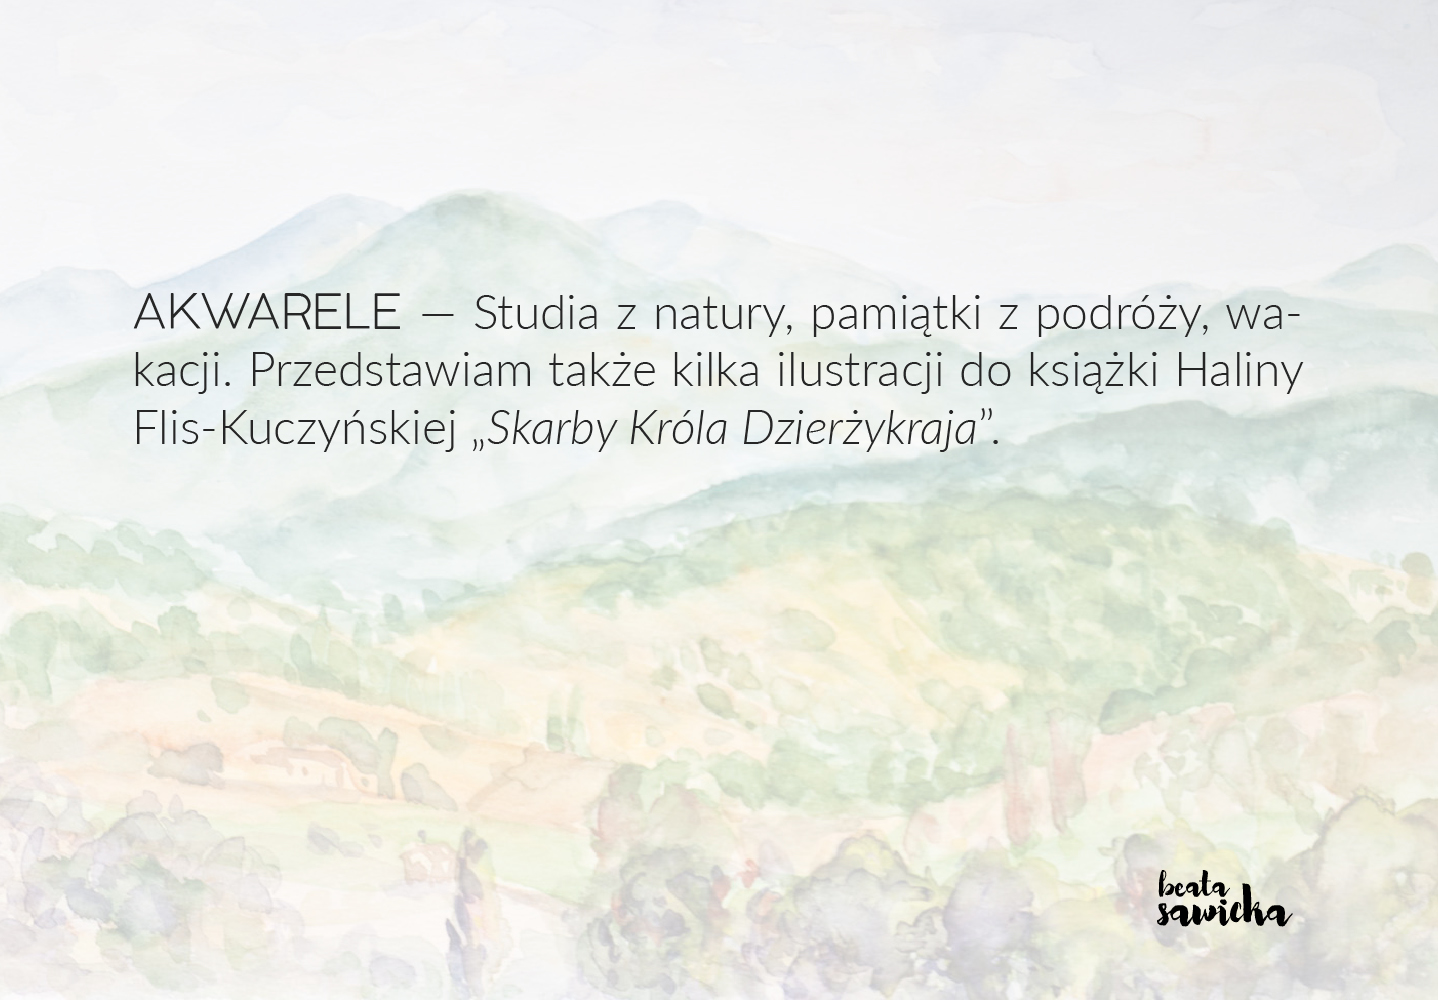 cytat2amw_aqua_pl